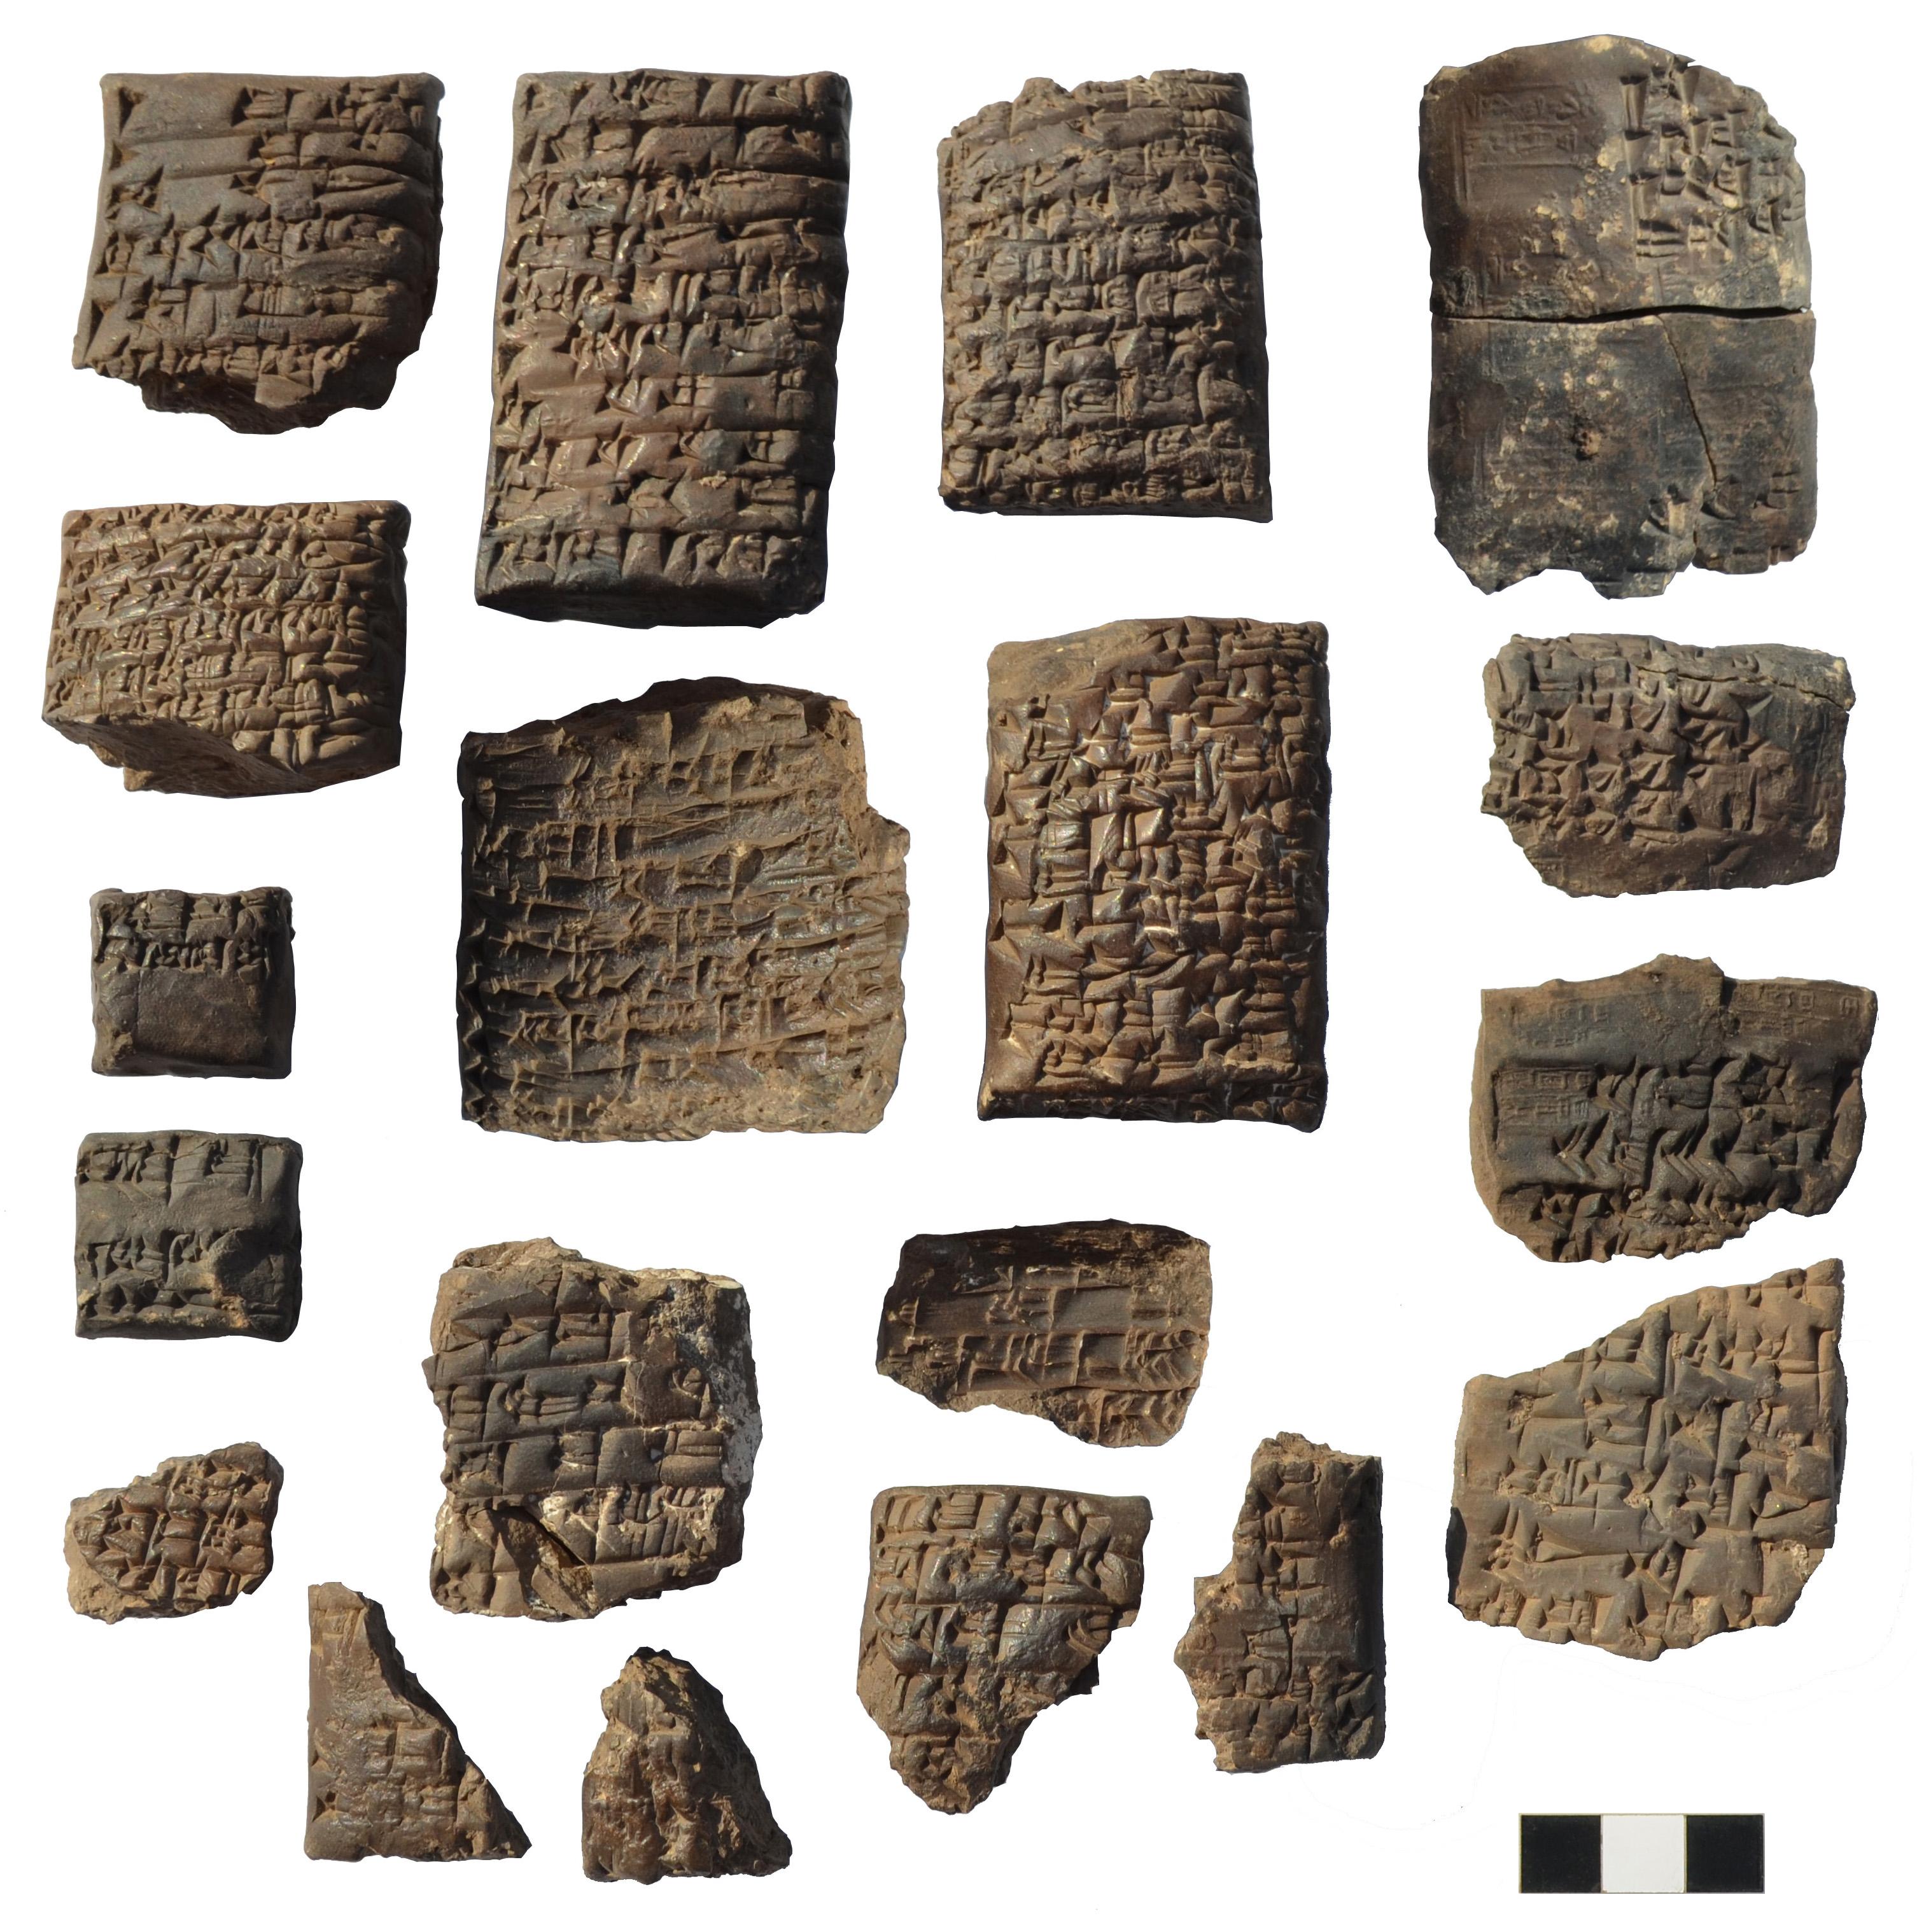 tavolette-cuneiformi-iraq